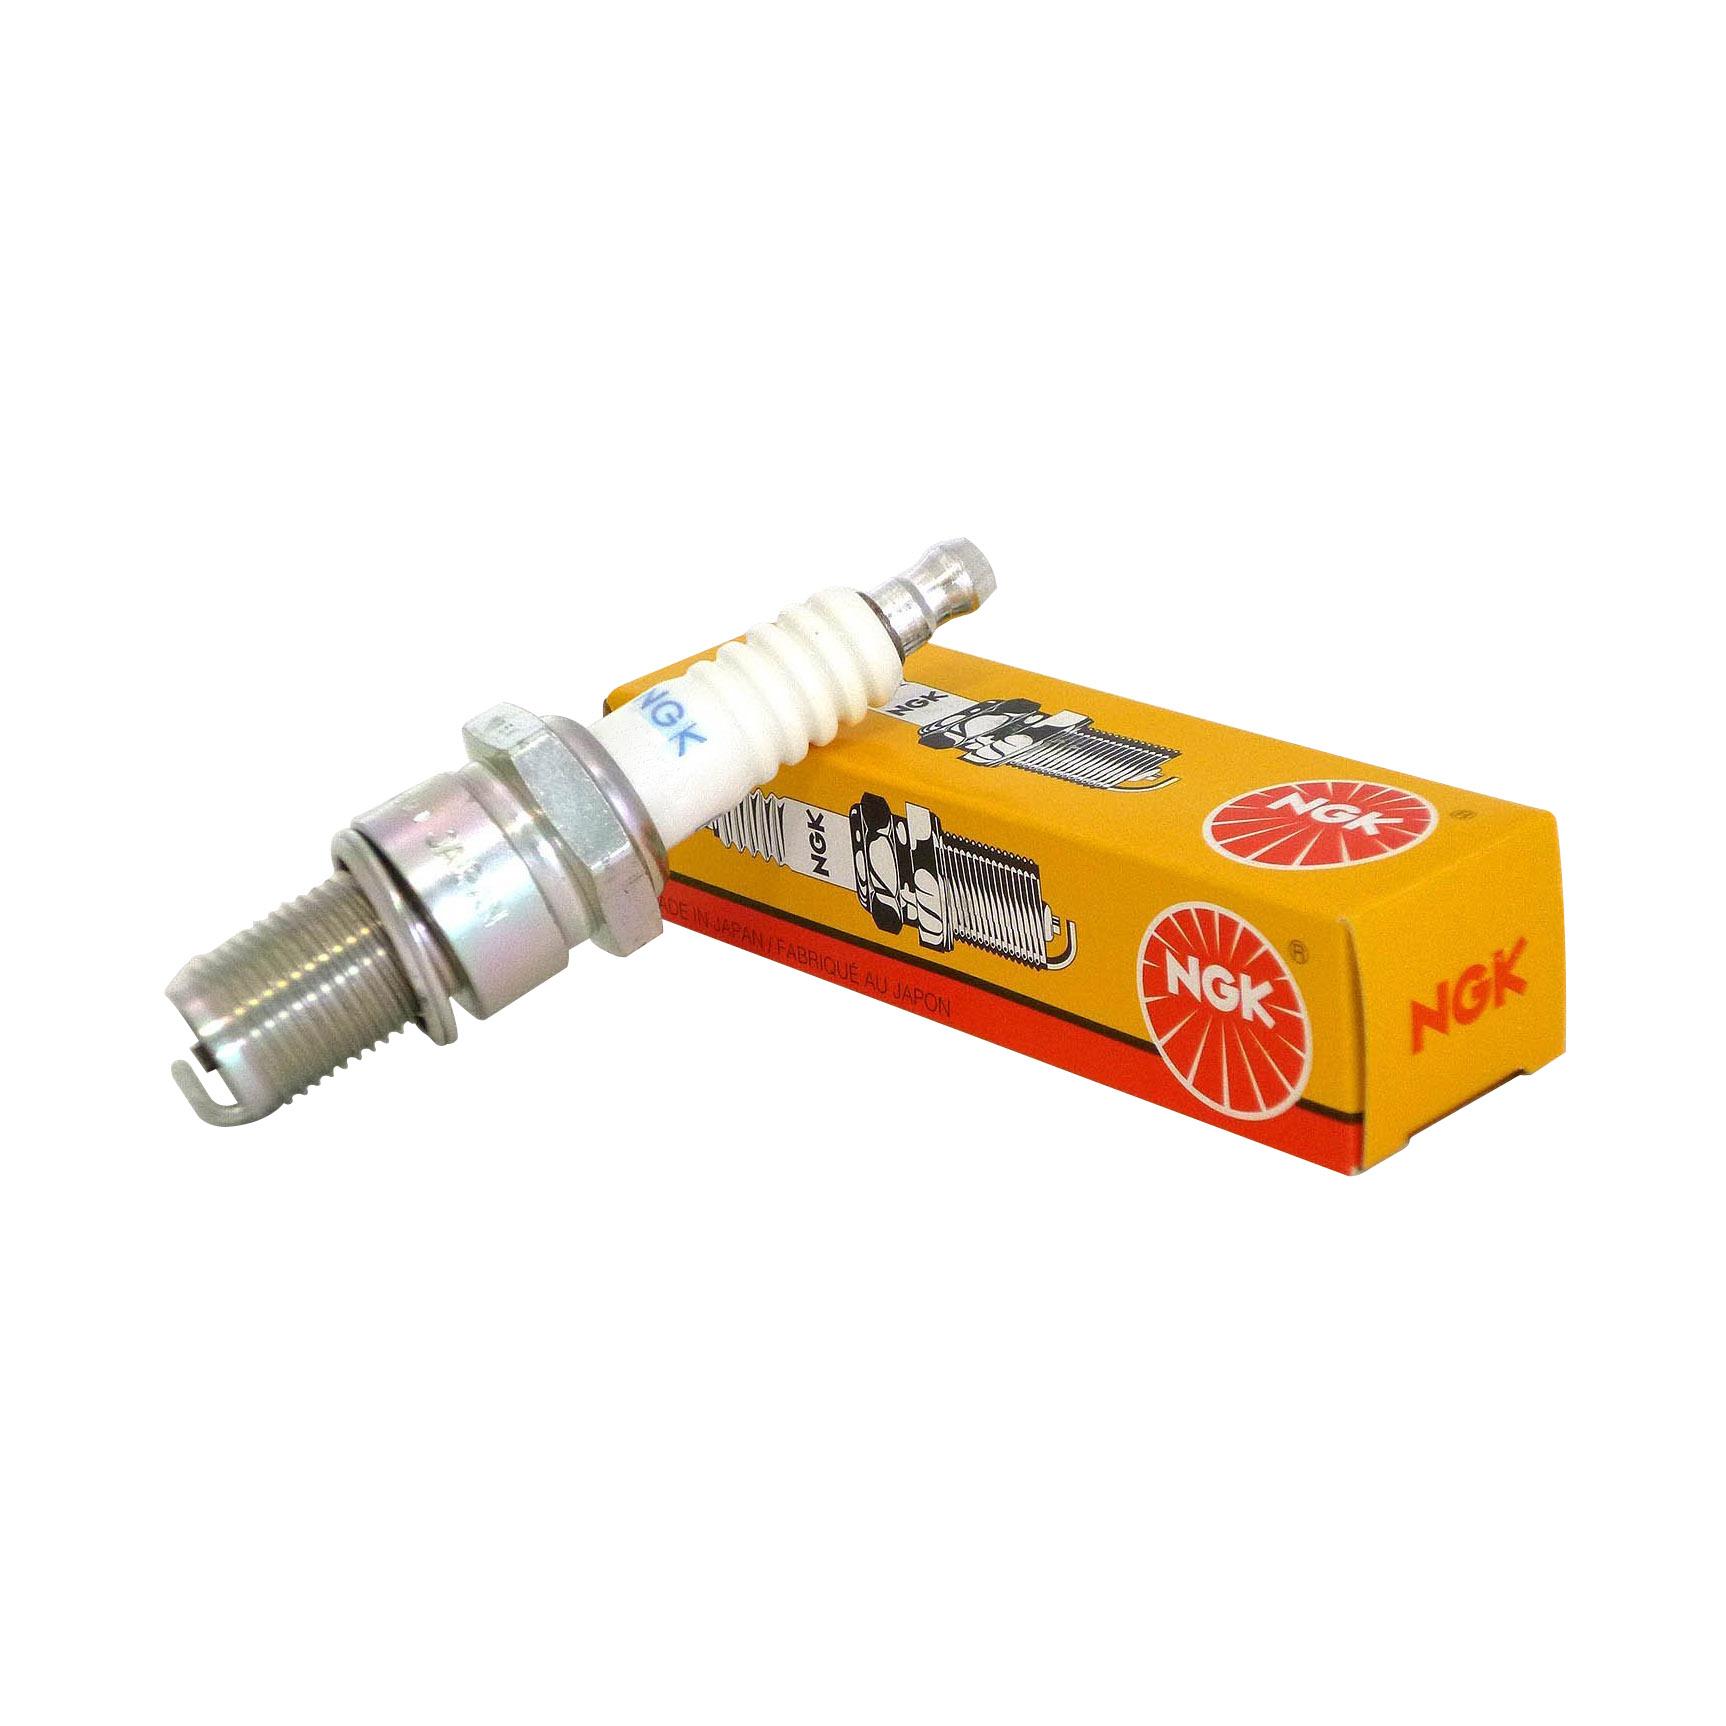 NGK Standard Spark Plug - LMAR8D-J 93444